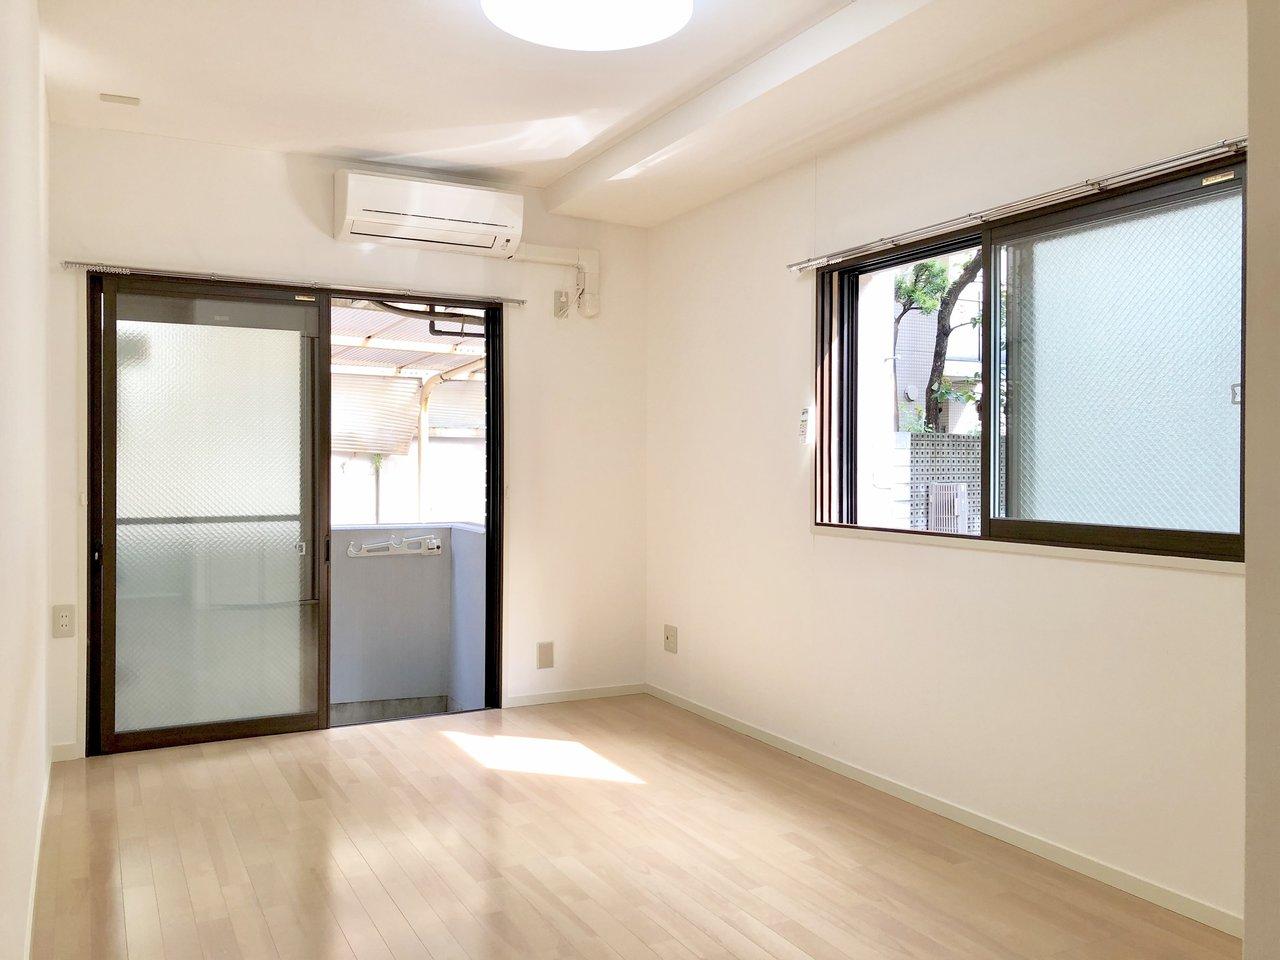 窓際にベッドを置けば、テーブルとソファも置けるはず。使わないものは広いクローゼットにうまく収納しましょう。